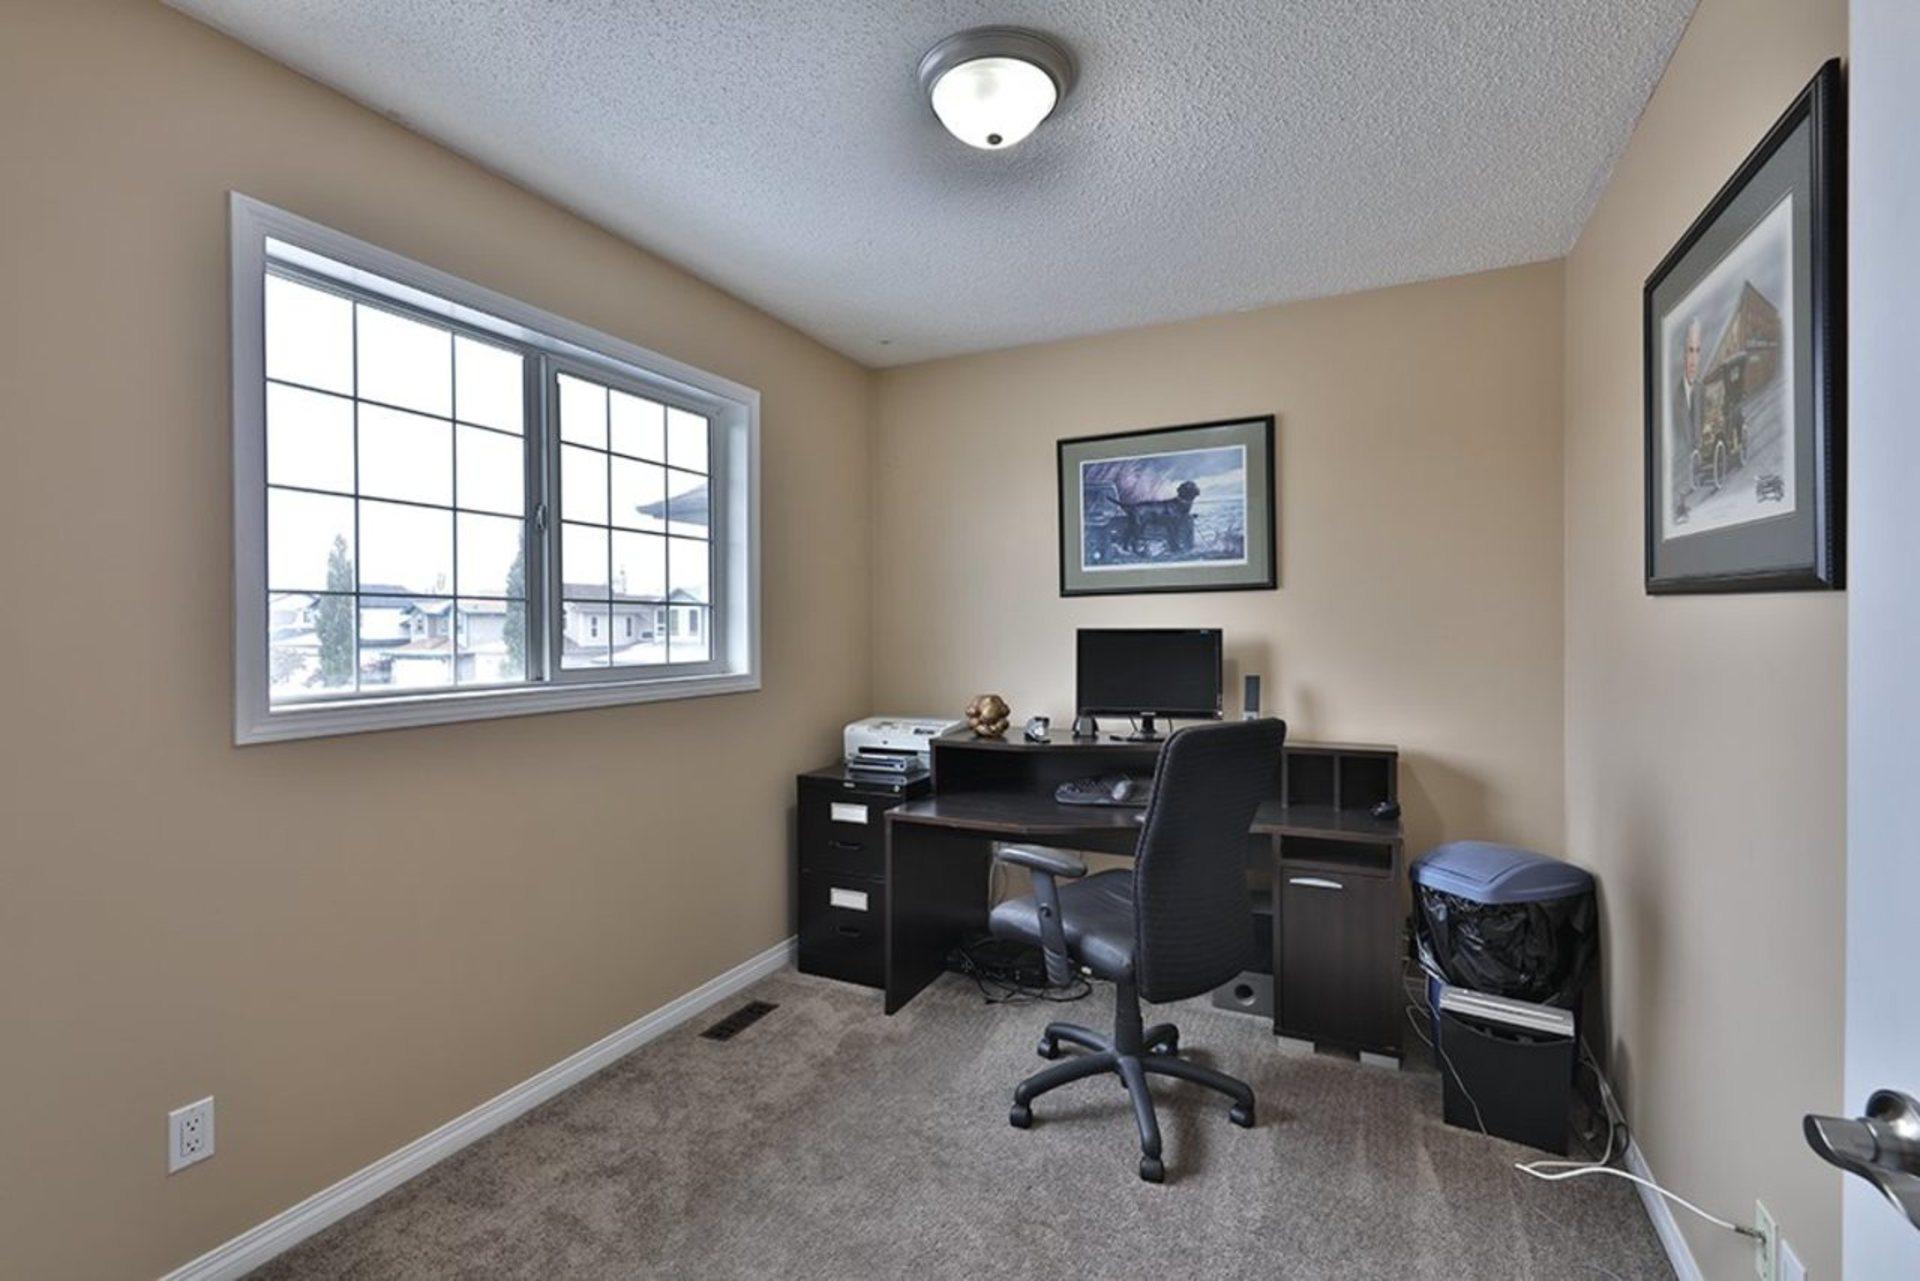 17316-119-street-canossa-edmonton-12 at 17316 119 Street, Canossa, Edmonton